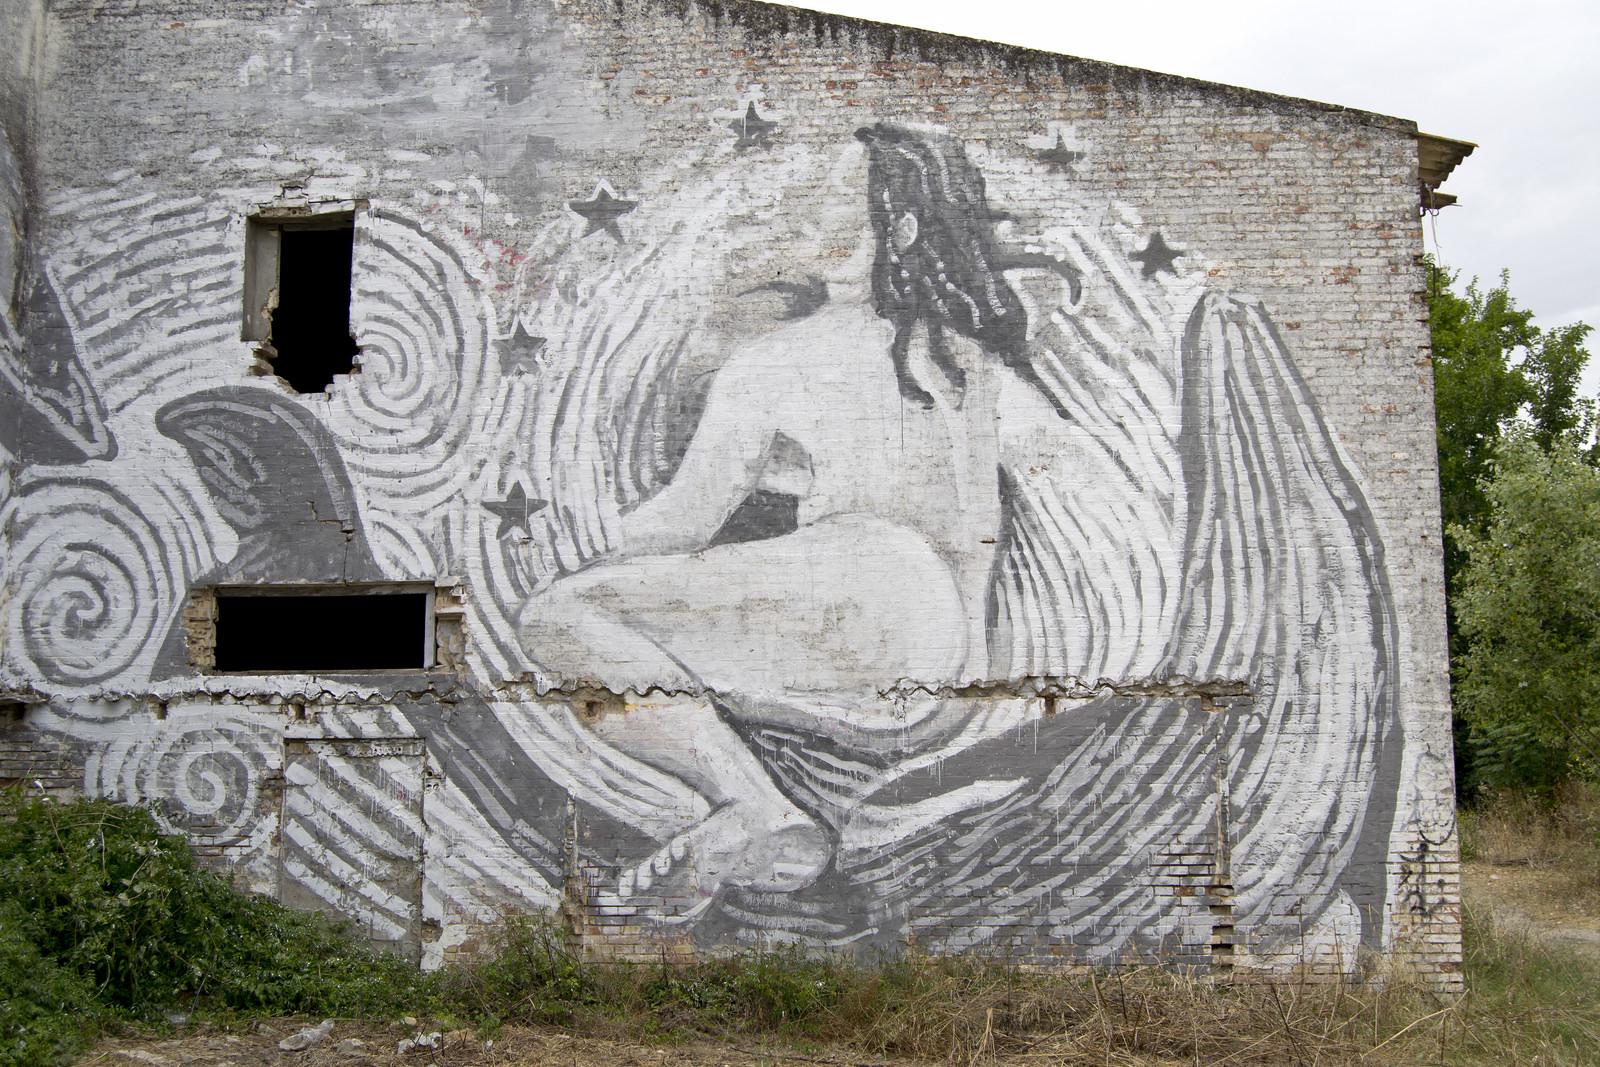 jeice-2-new-mural-in-mairena-del-aljarafe-sevilla-02